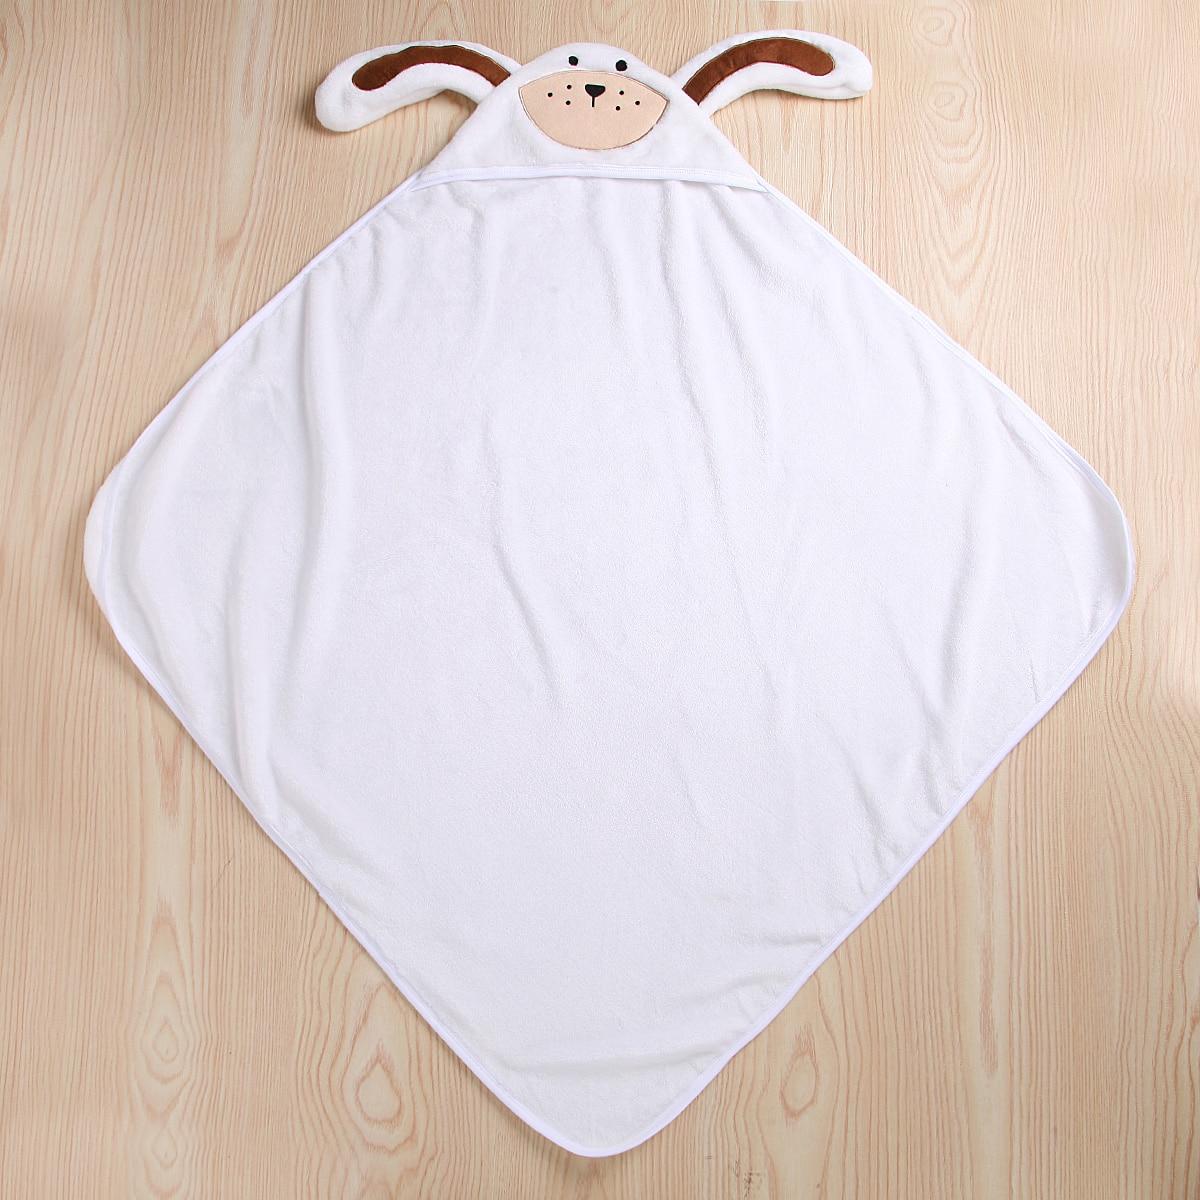 Половина цены, халат для маленьких мальчиков и девочек, г., детский халат, мягкий фланелевый Халат, пижамы Коралловая теплая одежда для маленьких детей от 0 до 18 месяцев